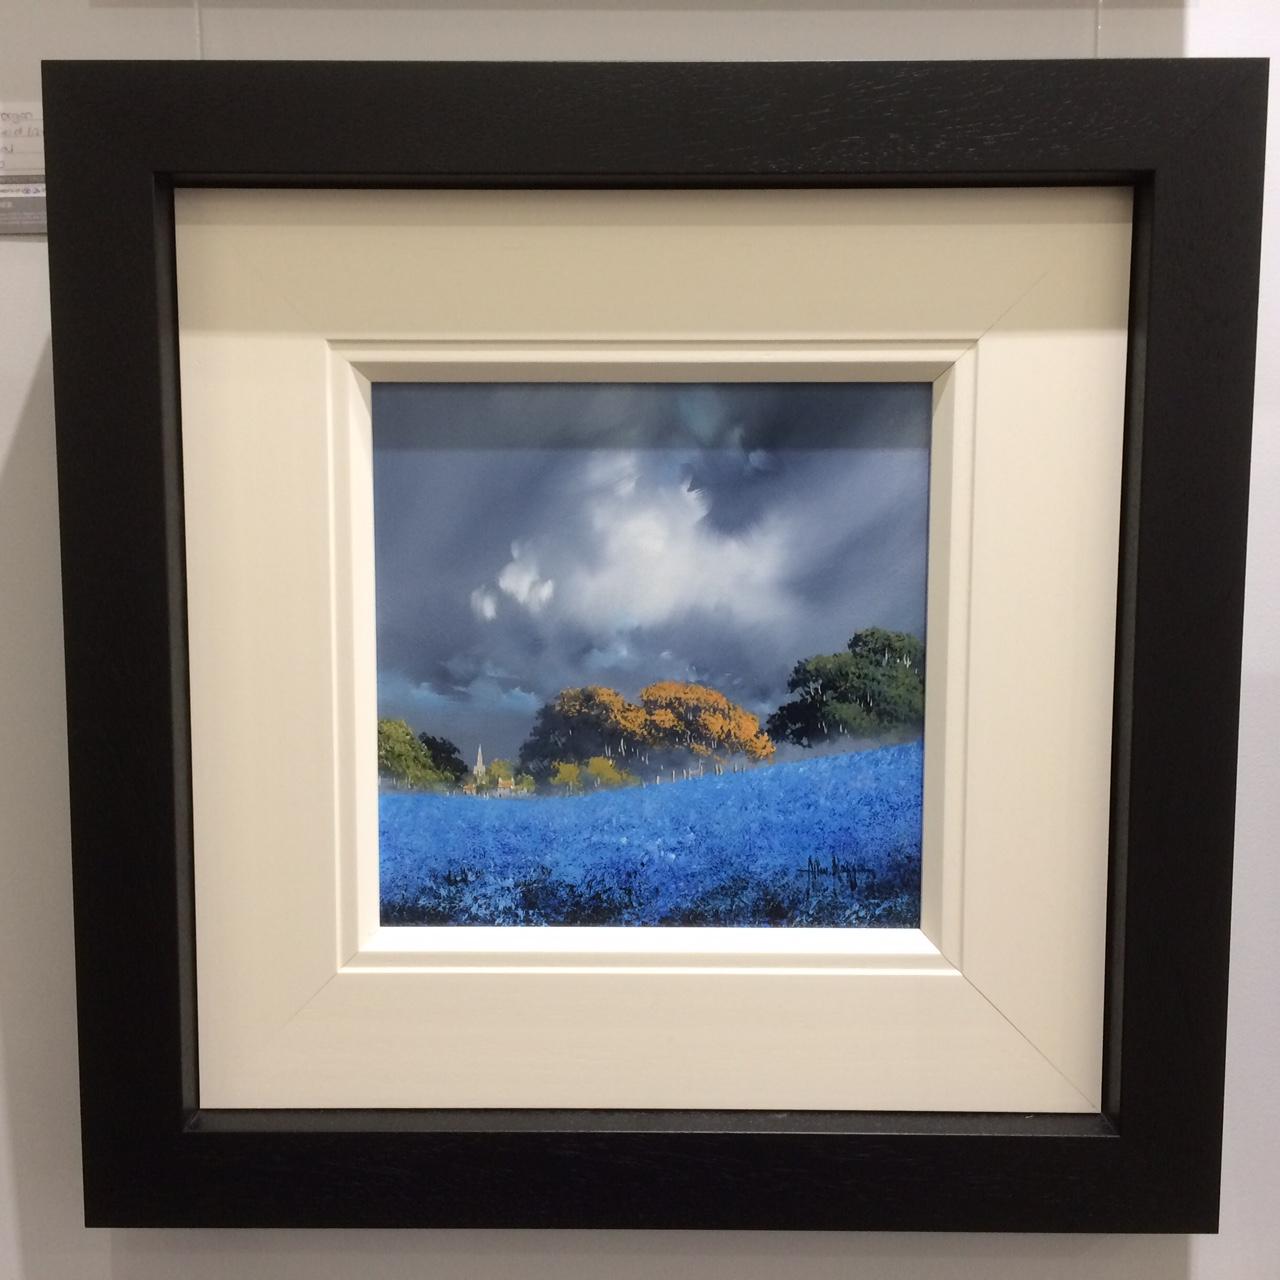 Blue Field II (12x12) by Allan Morgan